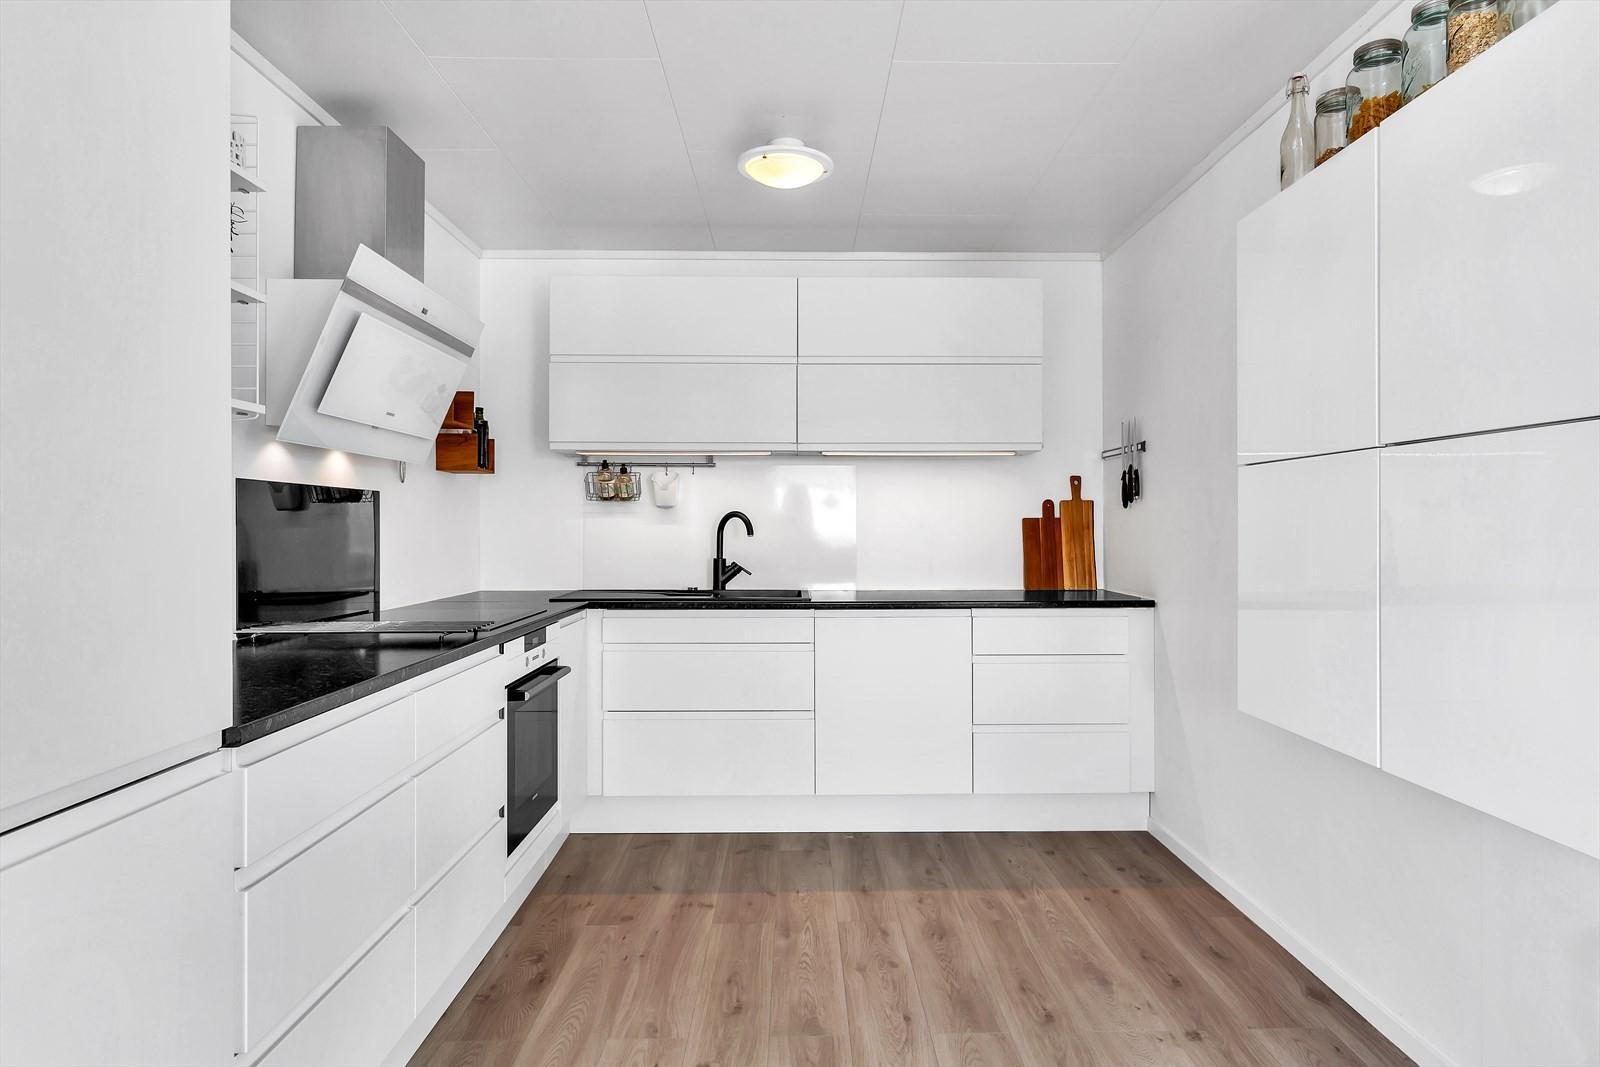 Kjøkken har moderne preg og lyse innredning.